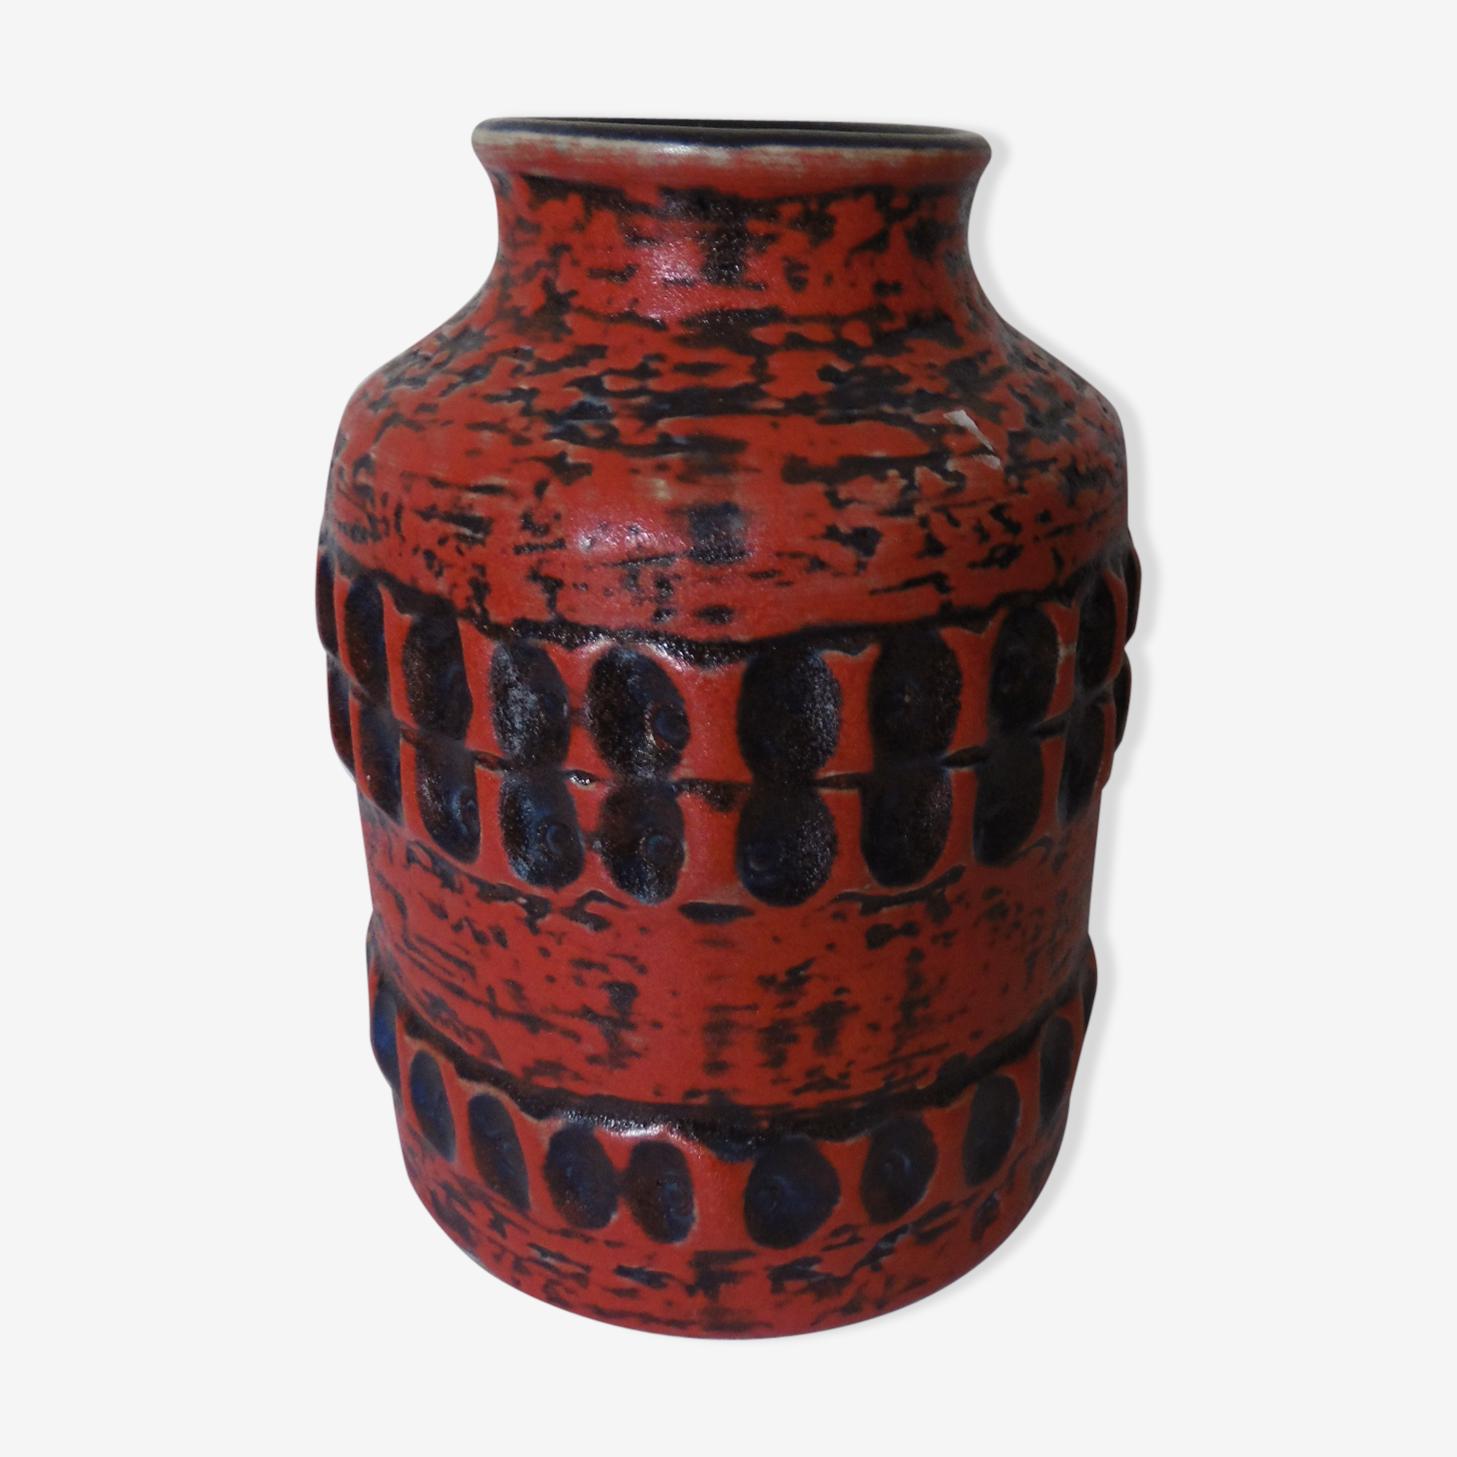 Vase West Germany rouge nuances de noire et bleu cobalt